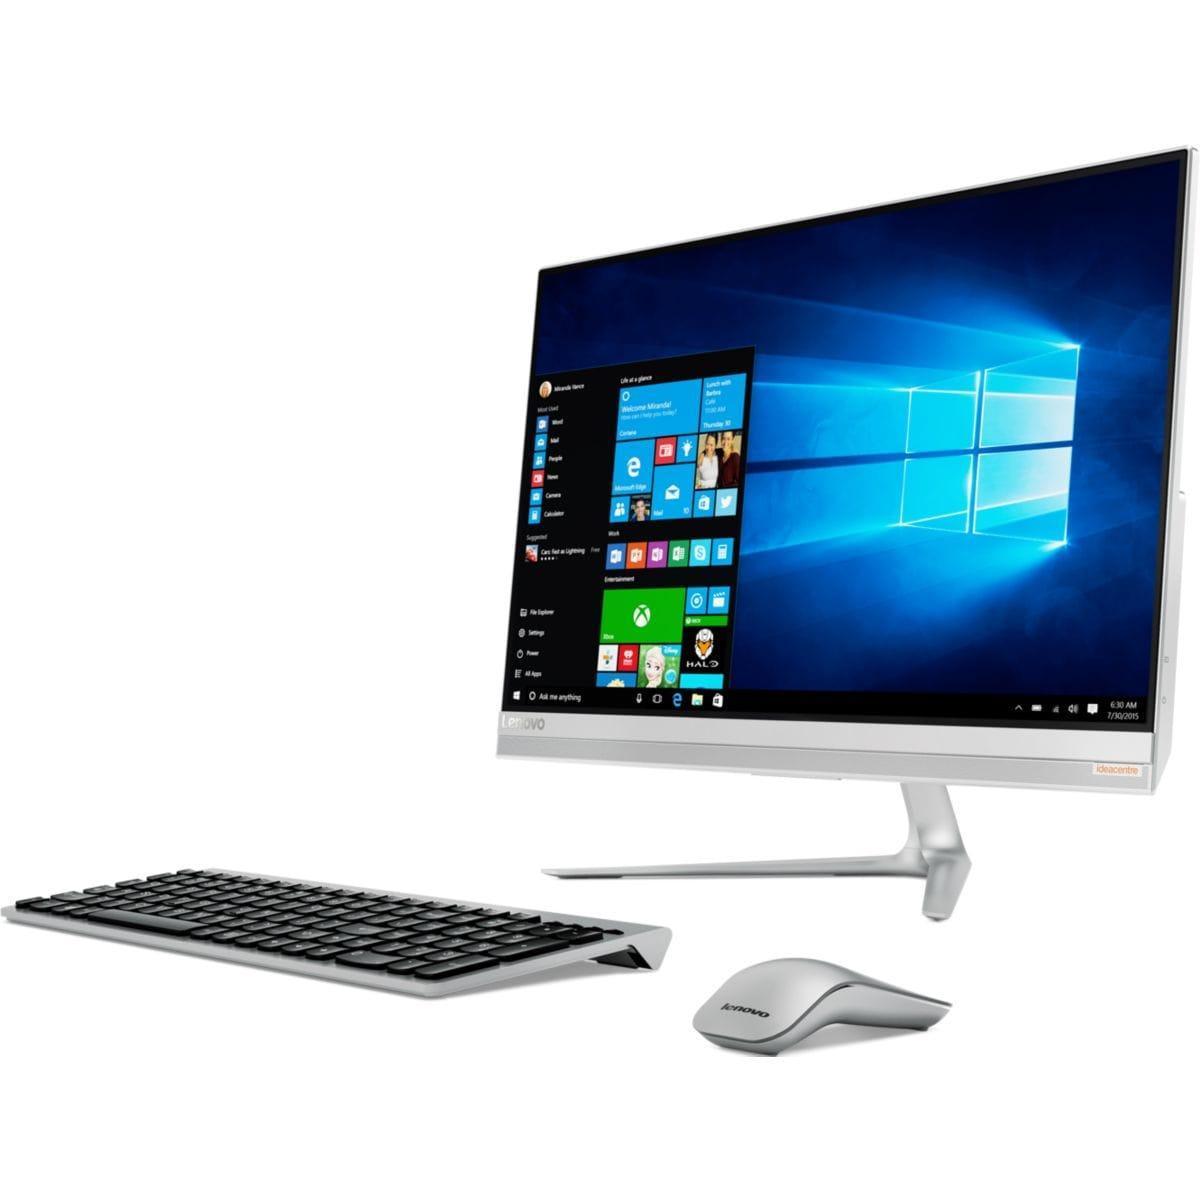 Lenovo IdeaCentre Aio - Core i5-6200U 2,3 GHz - HDD 1024 Go - RAM 8 Go